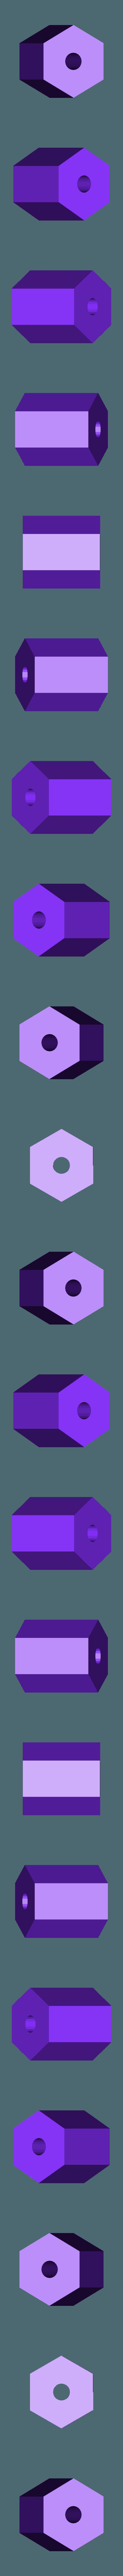 hex.stl Download free STL file porte-carte et porte-clé • 3D printing object, phikal